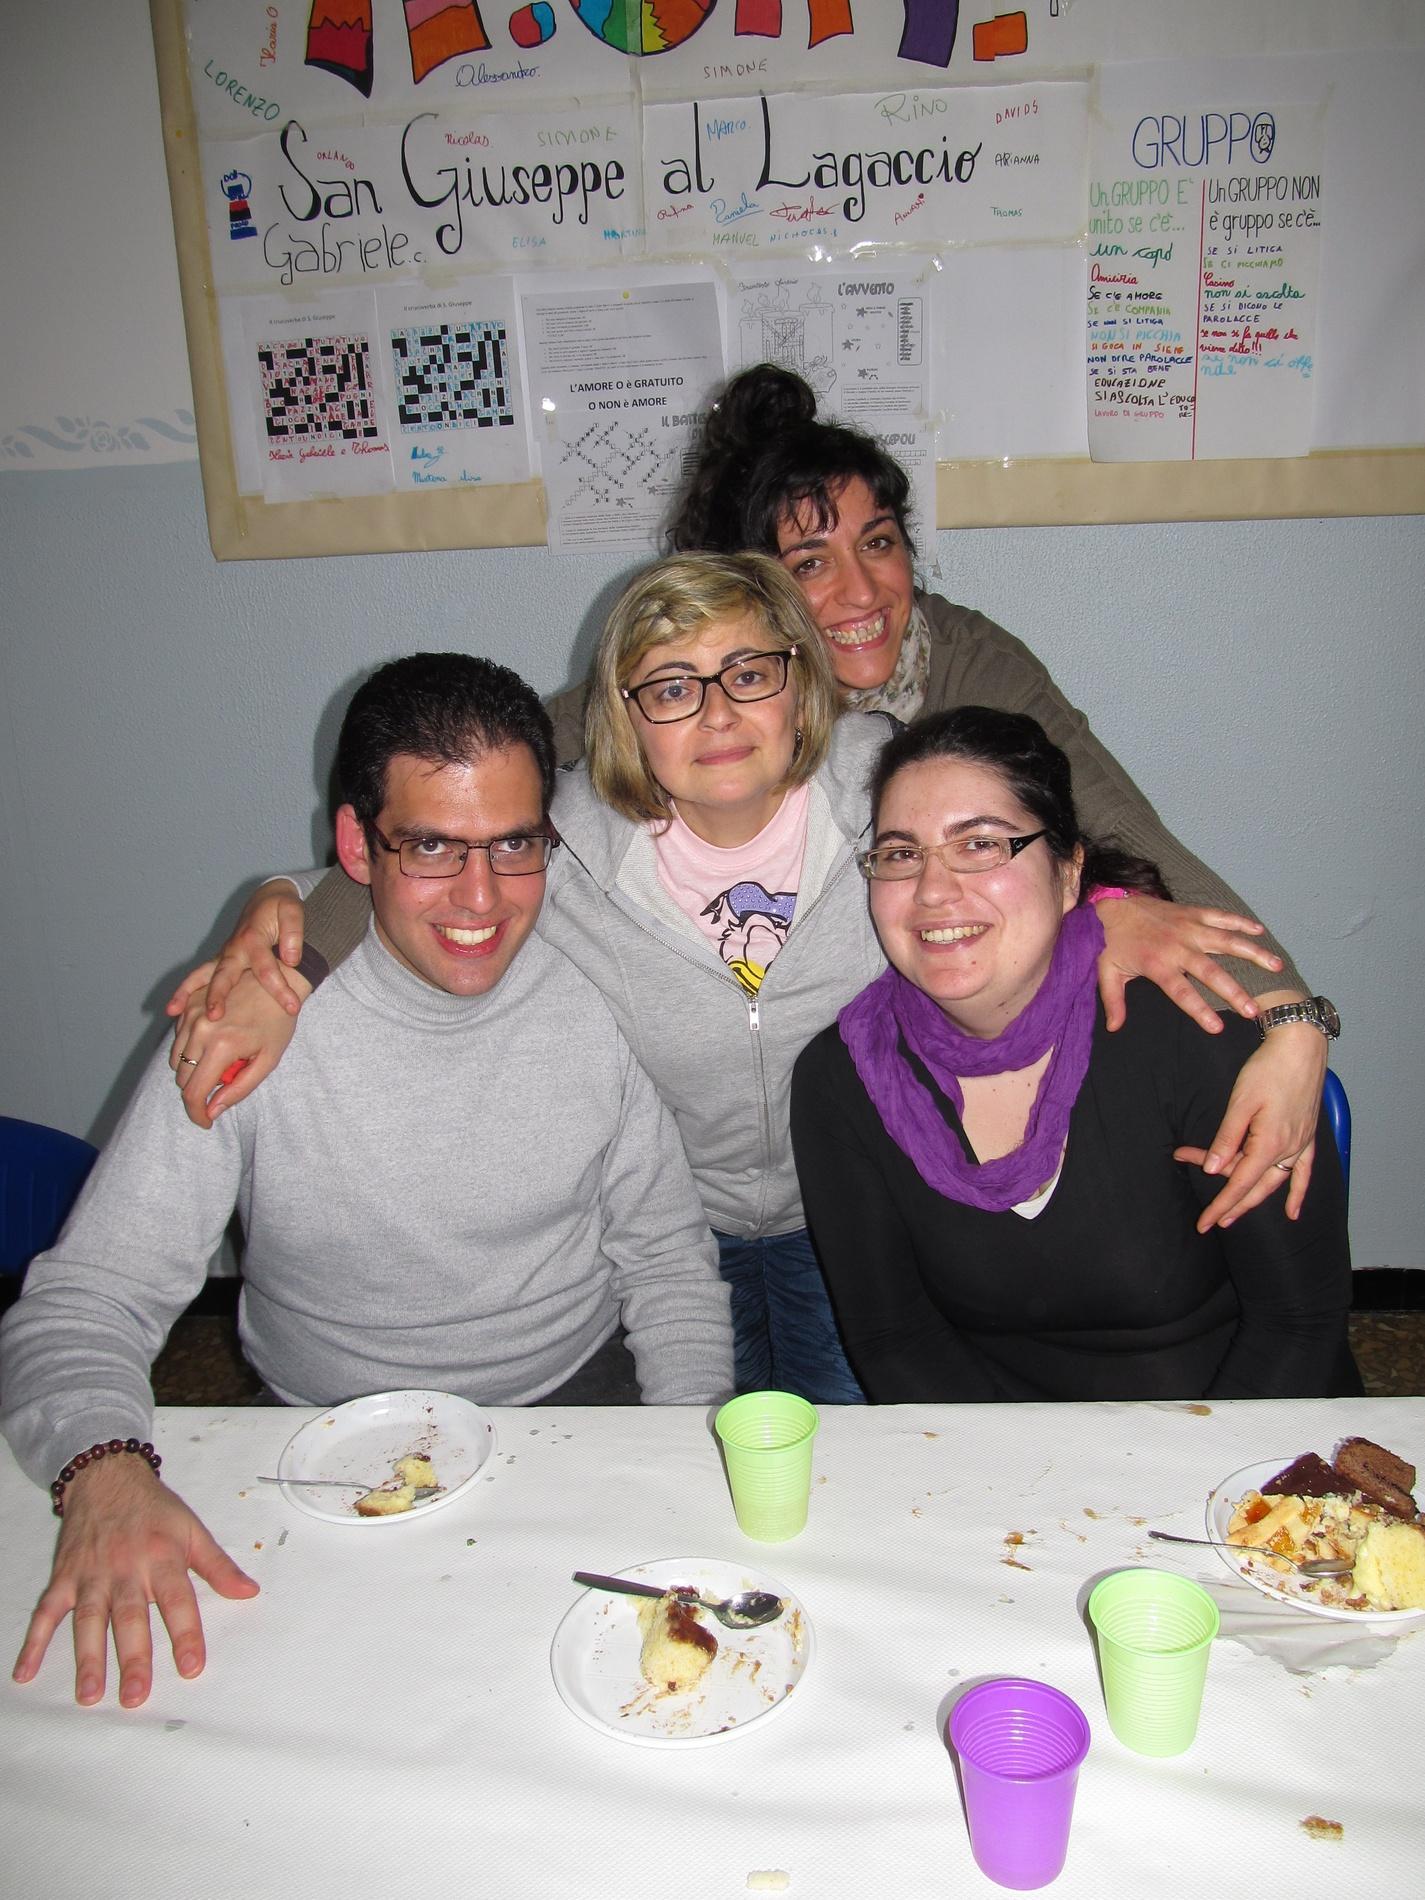 cena-famiglie-prima-comunione-2015-04-17-21-12-29_0